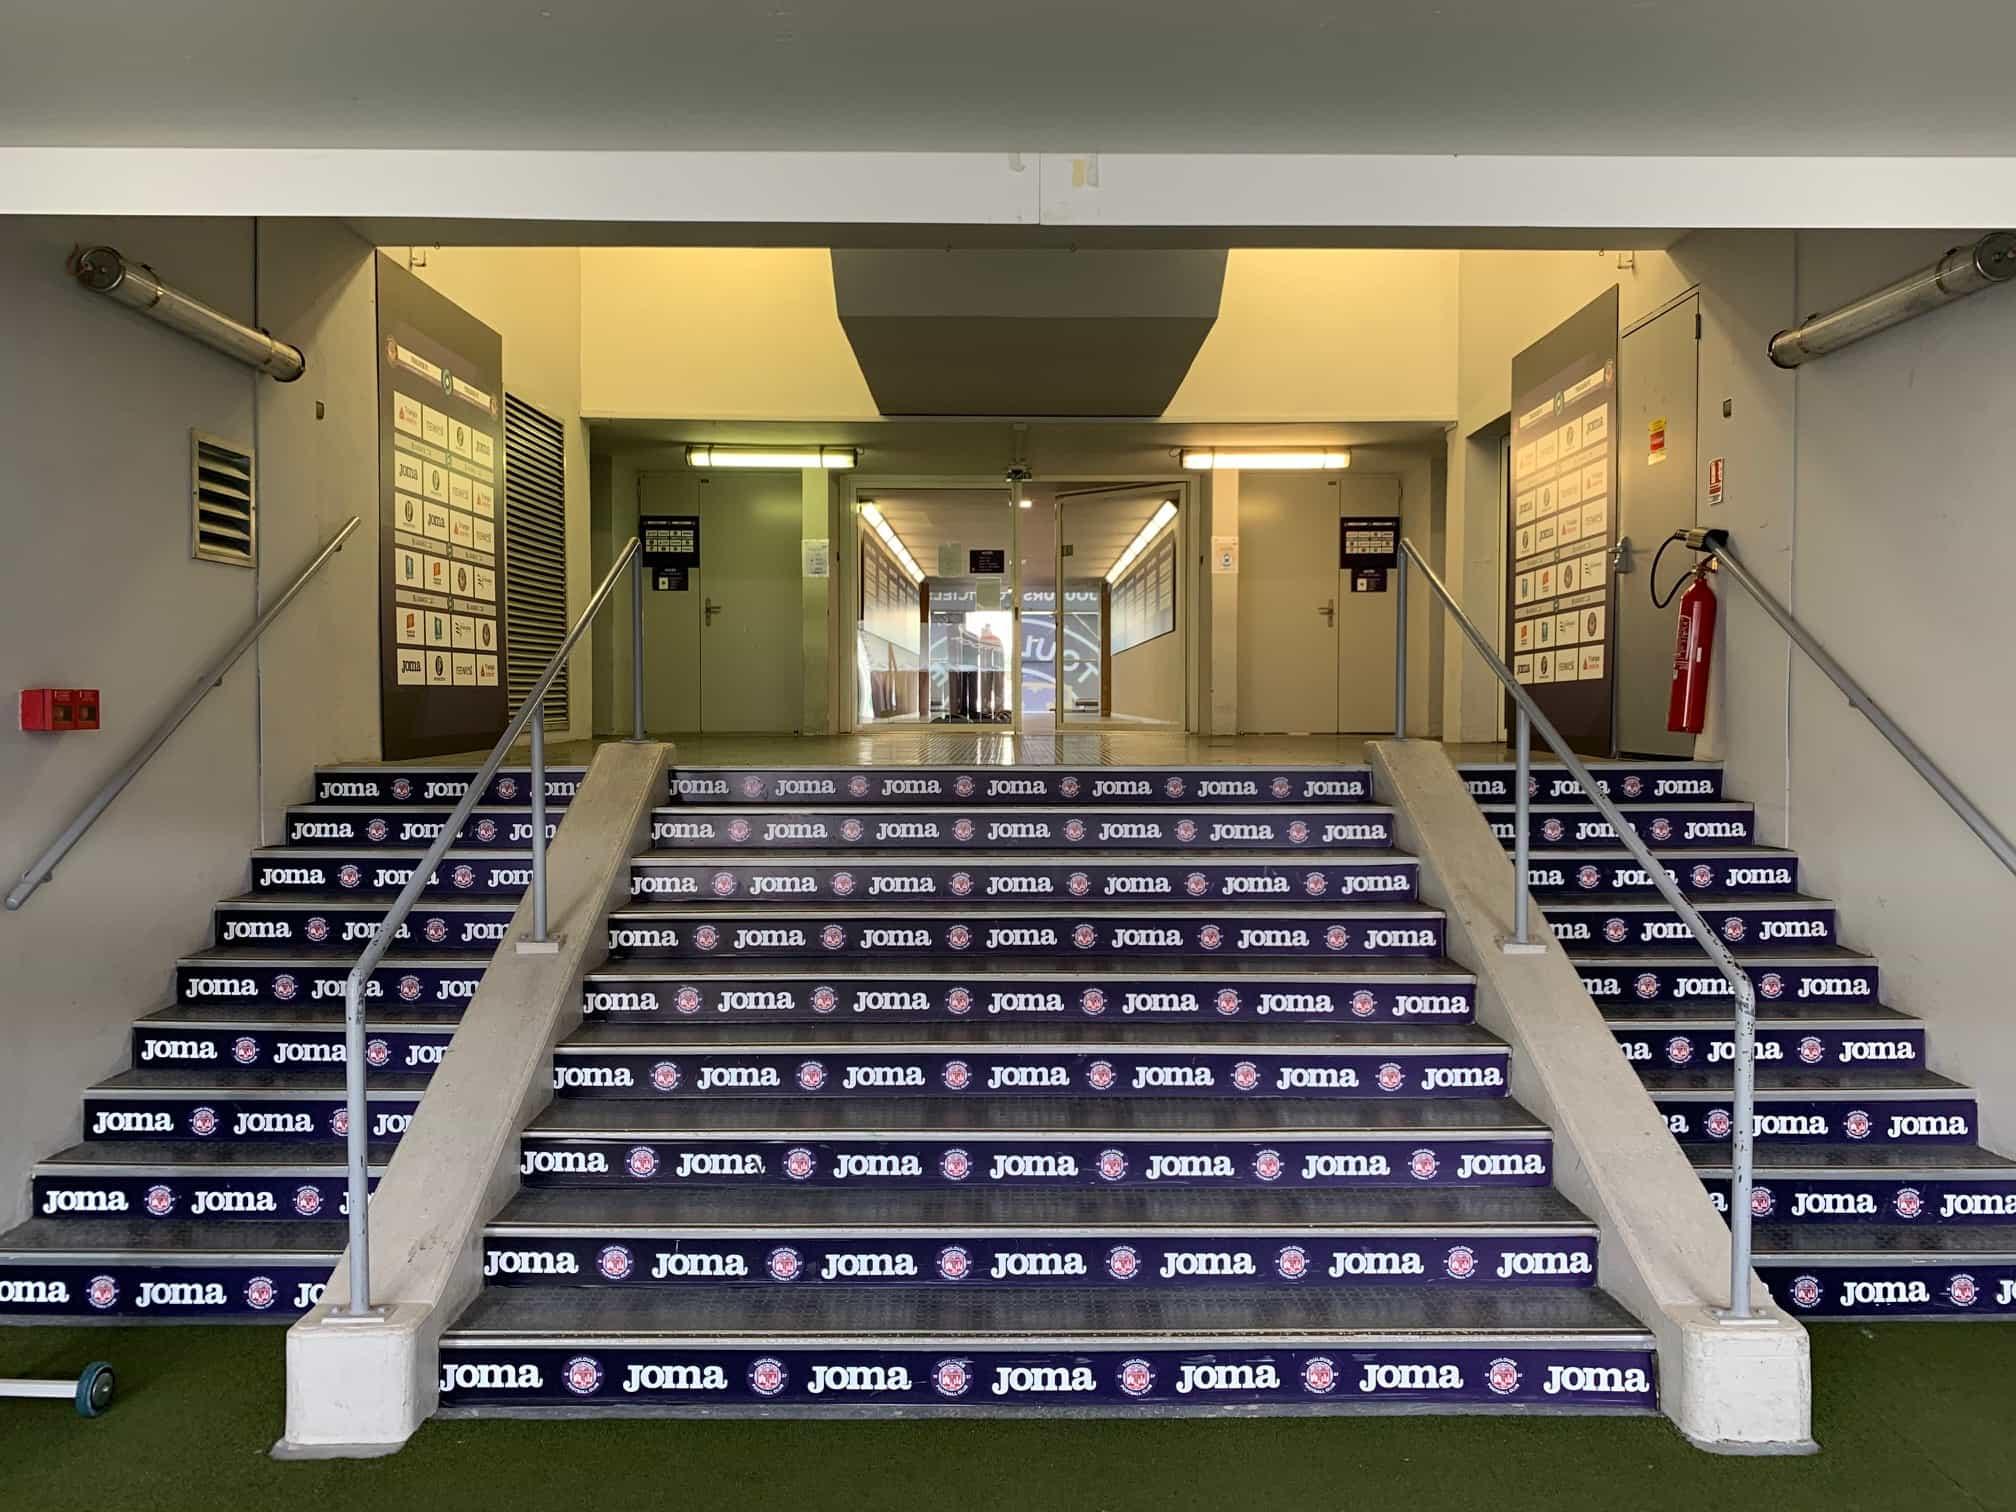 habillage stadium TFC signaletique interieure